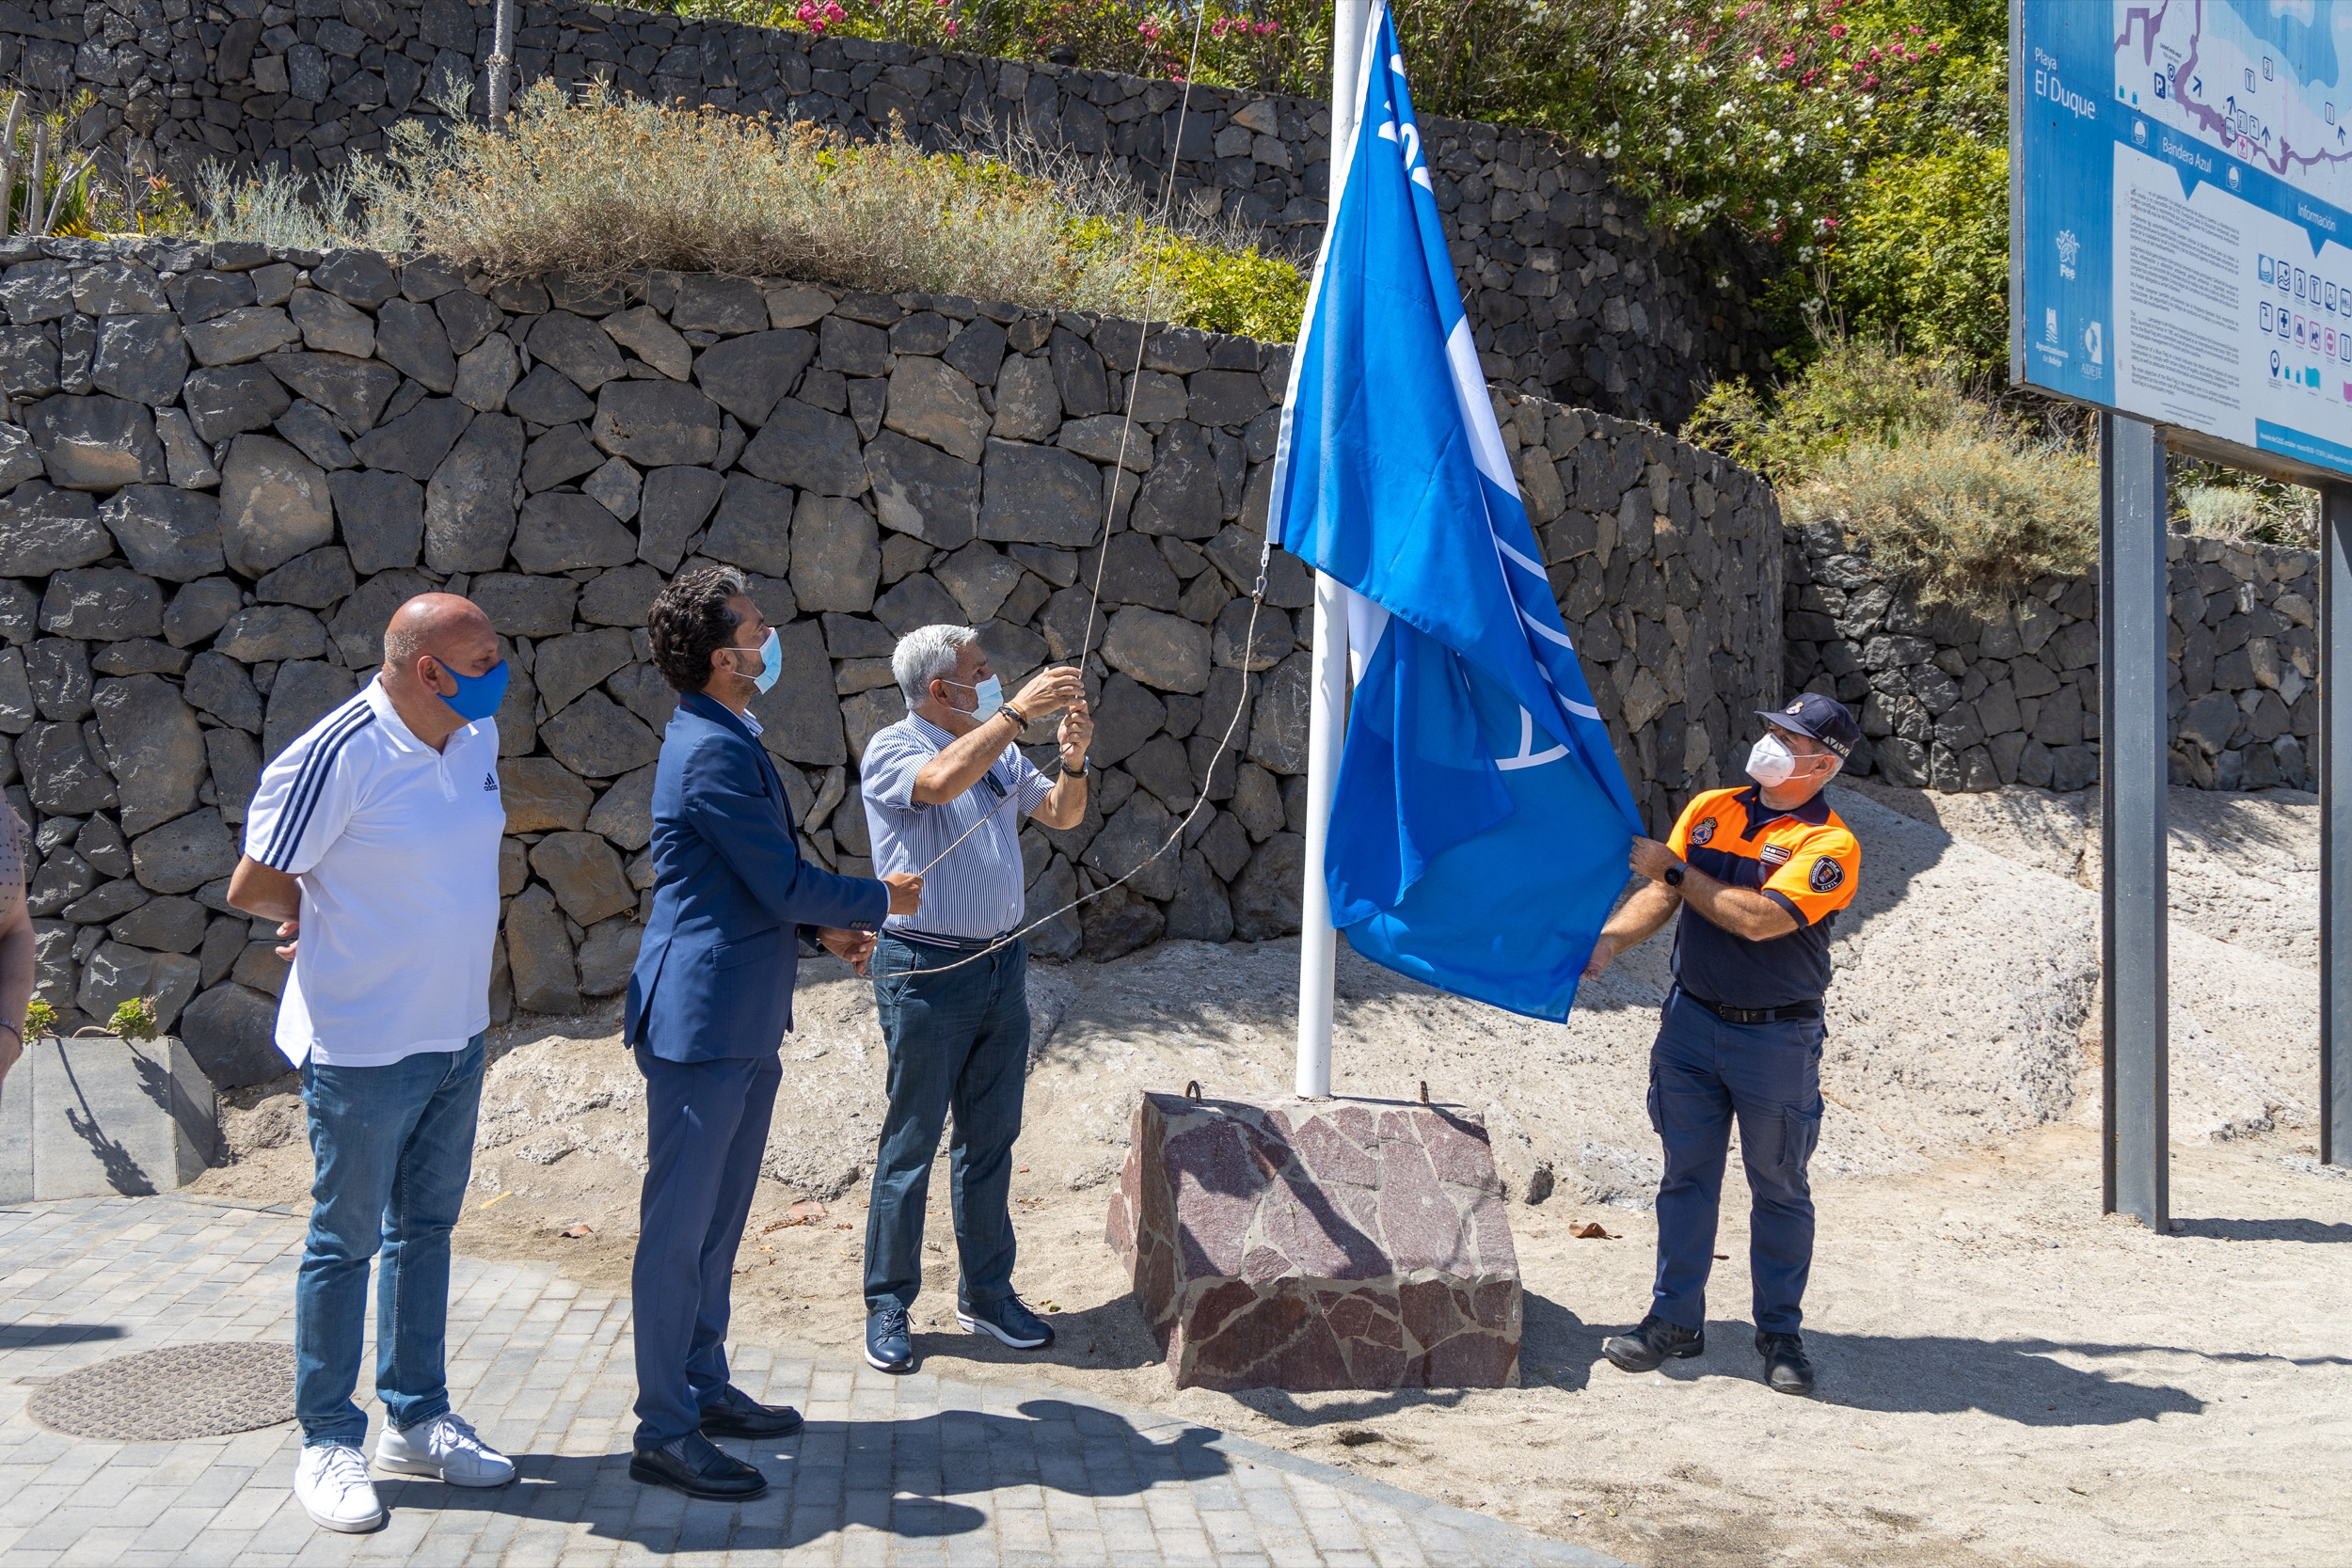 Izado de la bandera azul en la Playa del Duque en Adeje (Tenerife) / CanariasNoticias.es